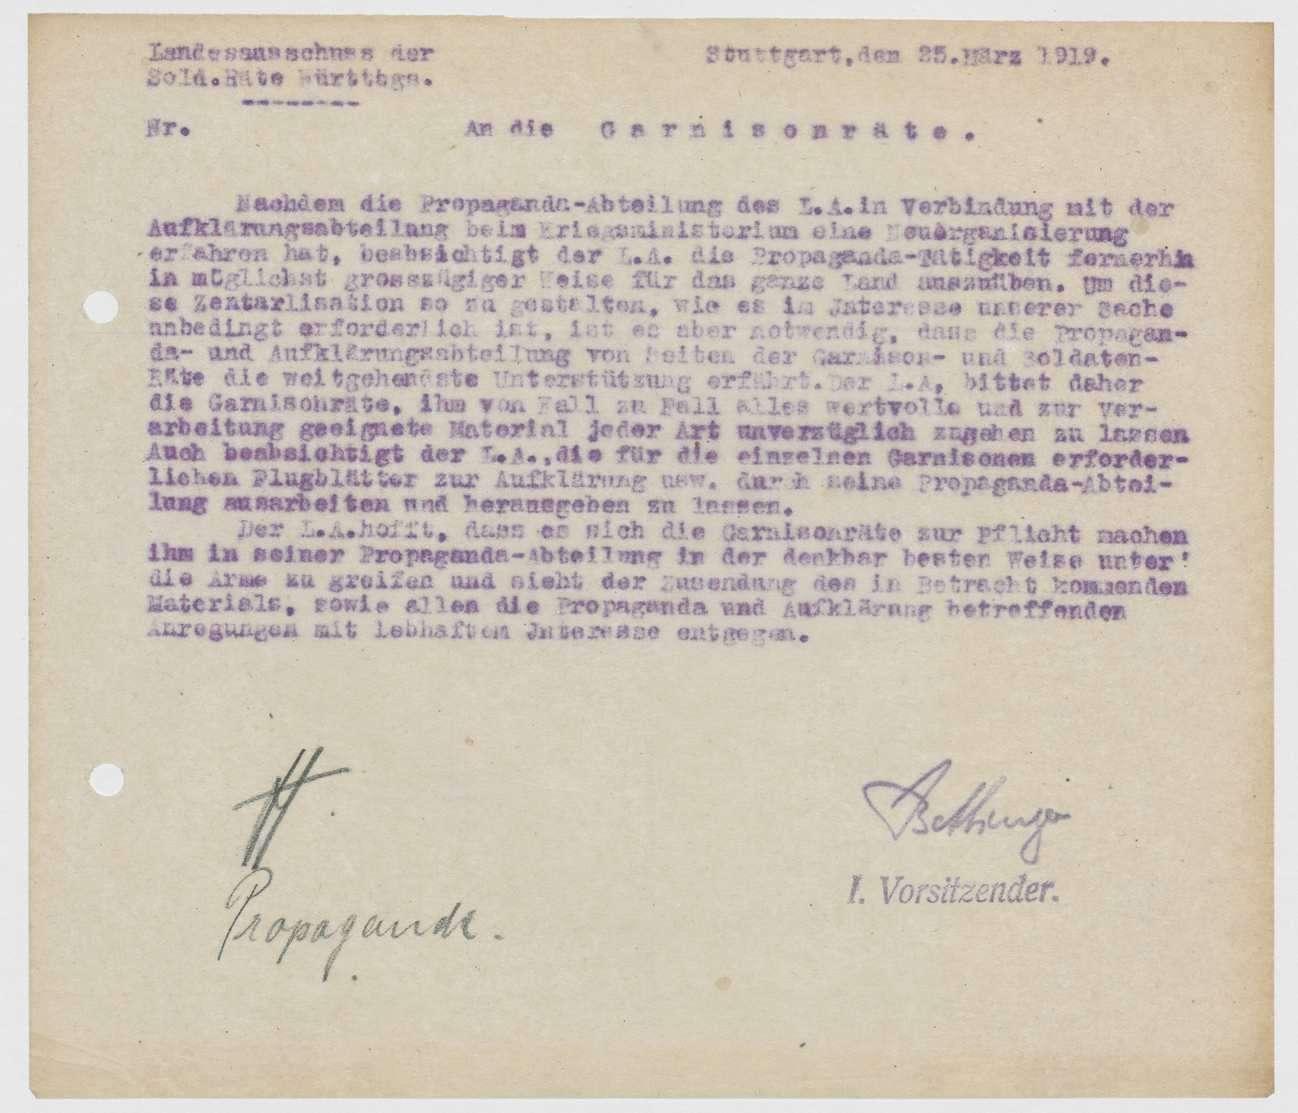 Förderung der Aufklärungs- und Propagandatätigkeit, Einrichtung einer Aufklärungssteile beim Kriegsministerium, Bild 2